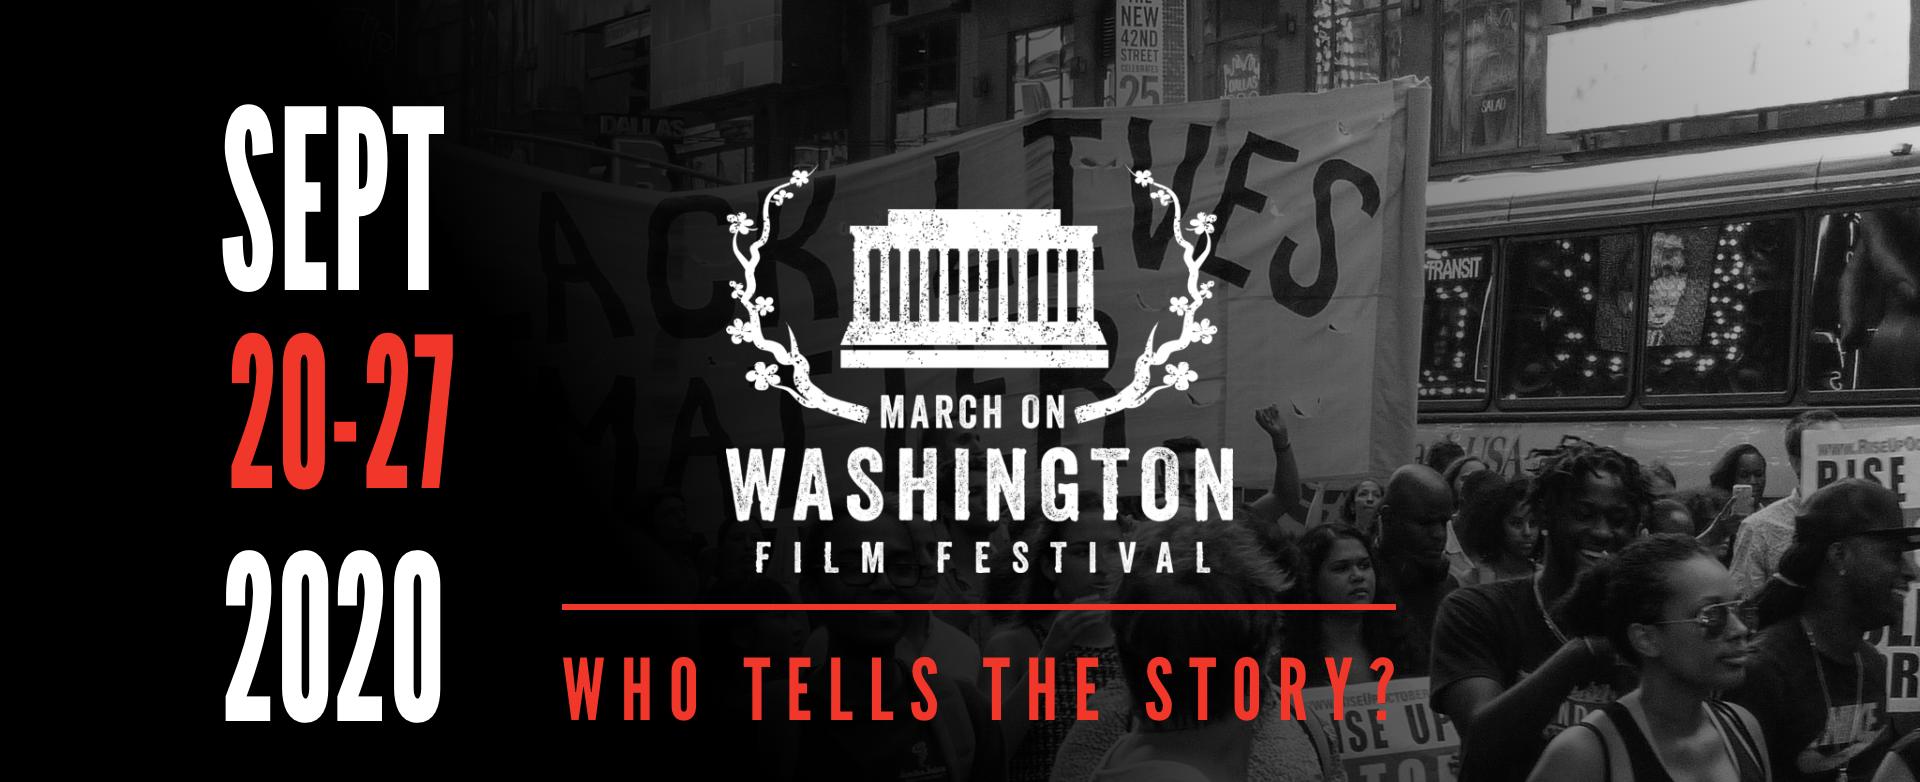 March On Washington Film Festival 2020